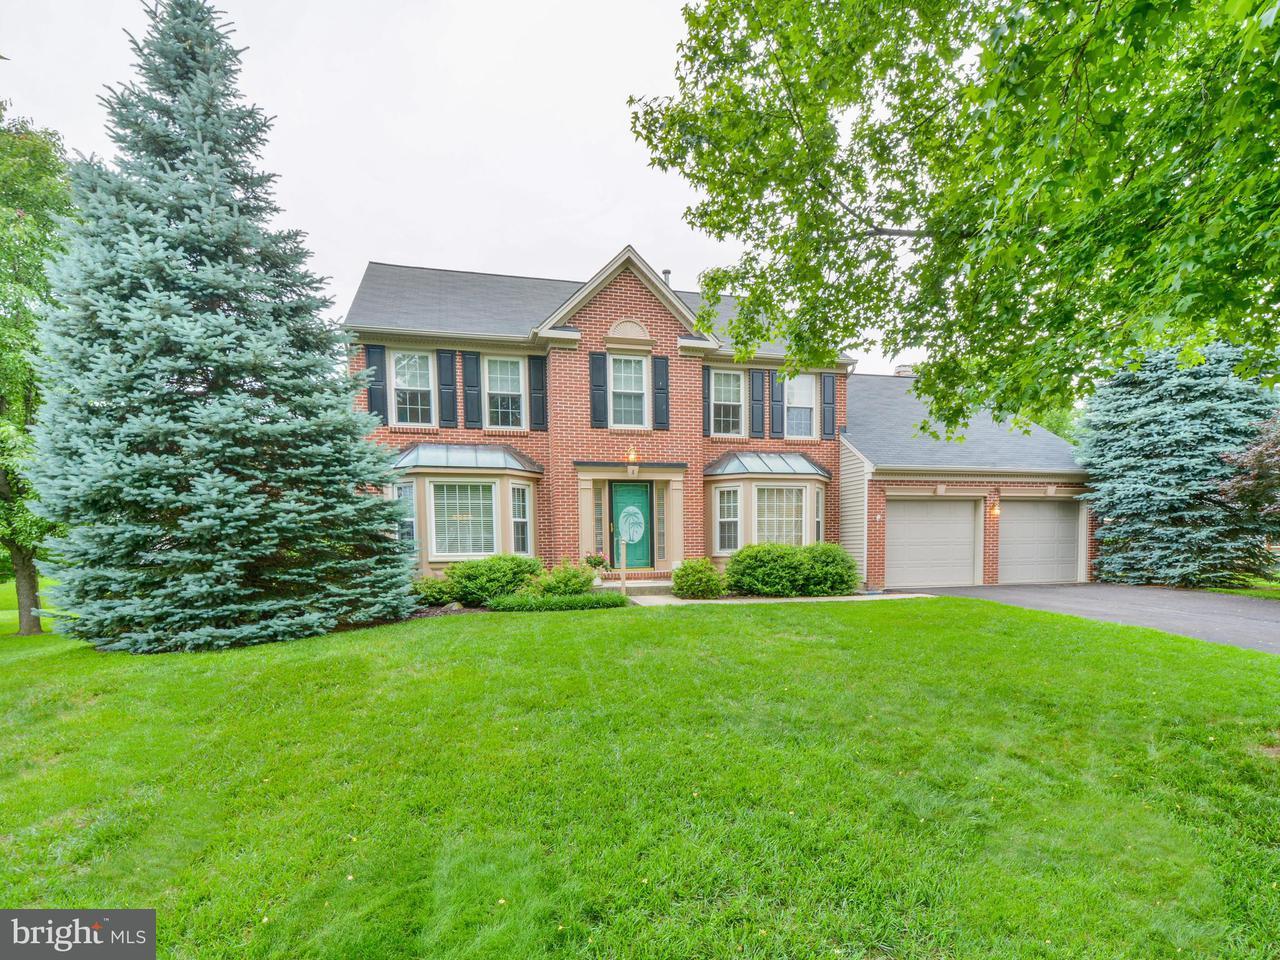 Maison unifamiliale pour l Vente à 4 GRAINFIELD Court 4 GRAINFIELD Court Catonsville, Maryland 21228 États-Unis